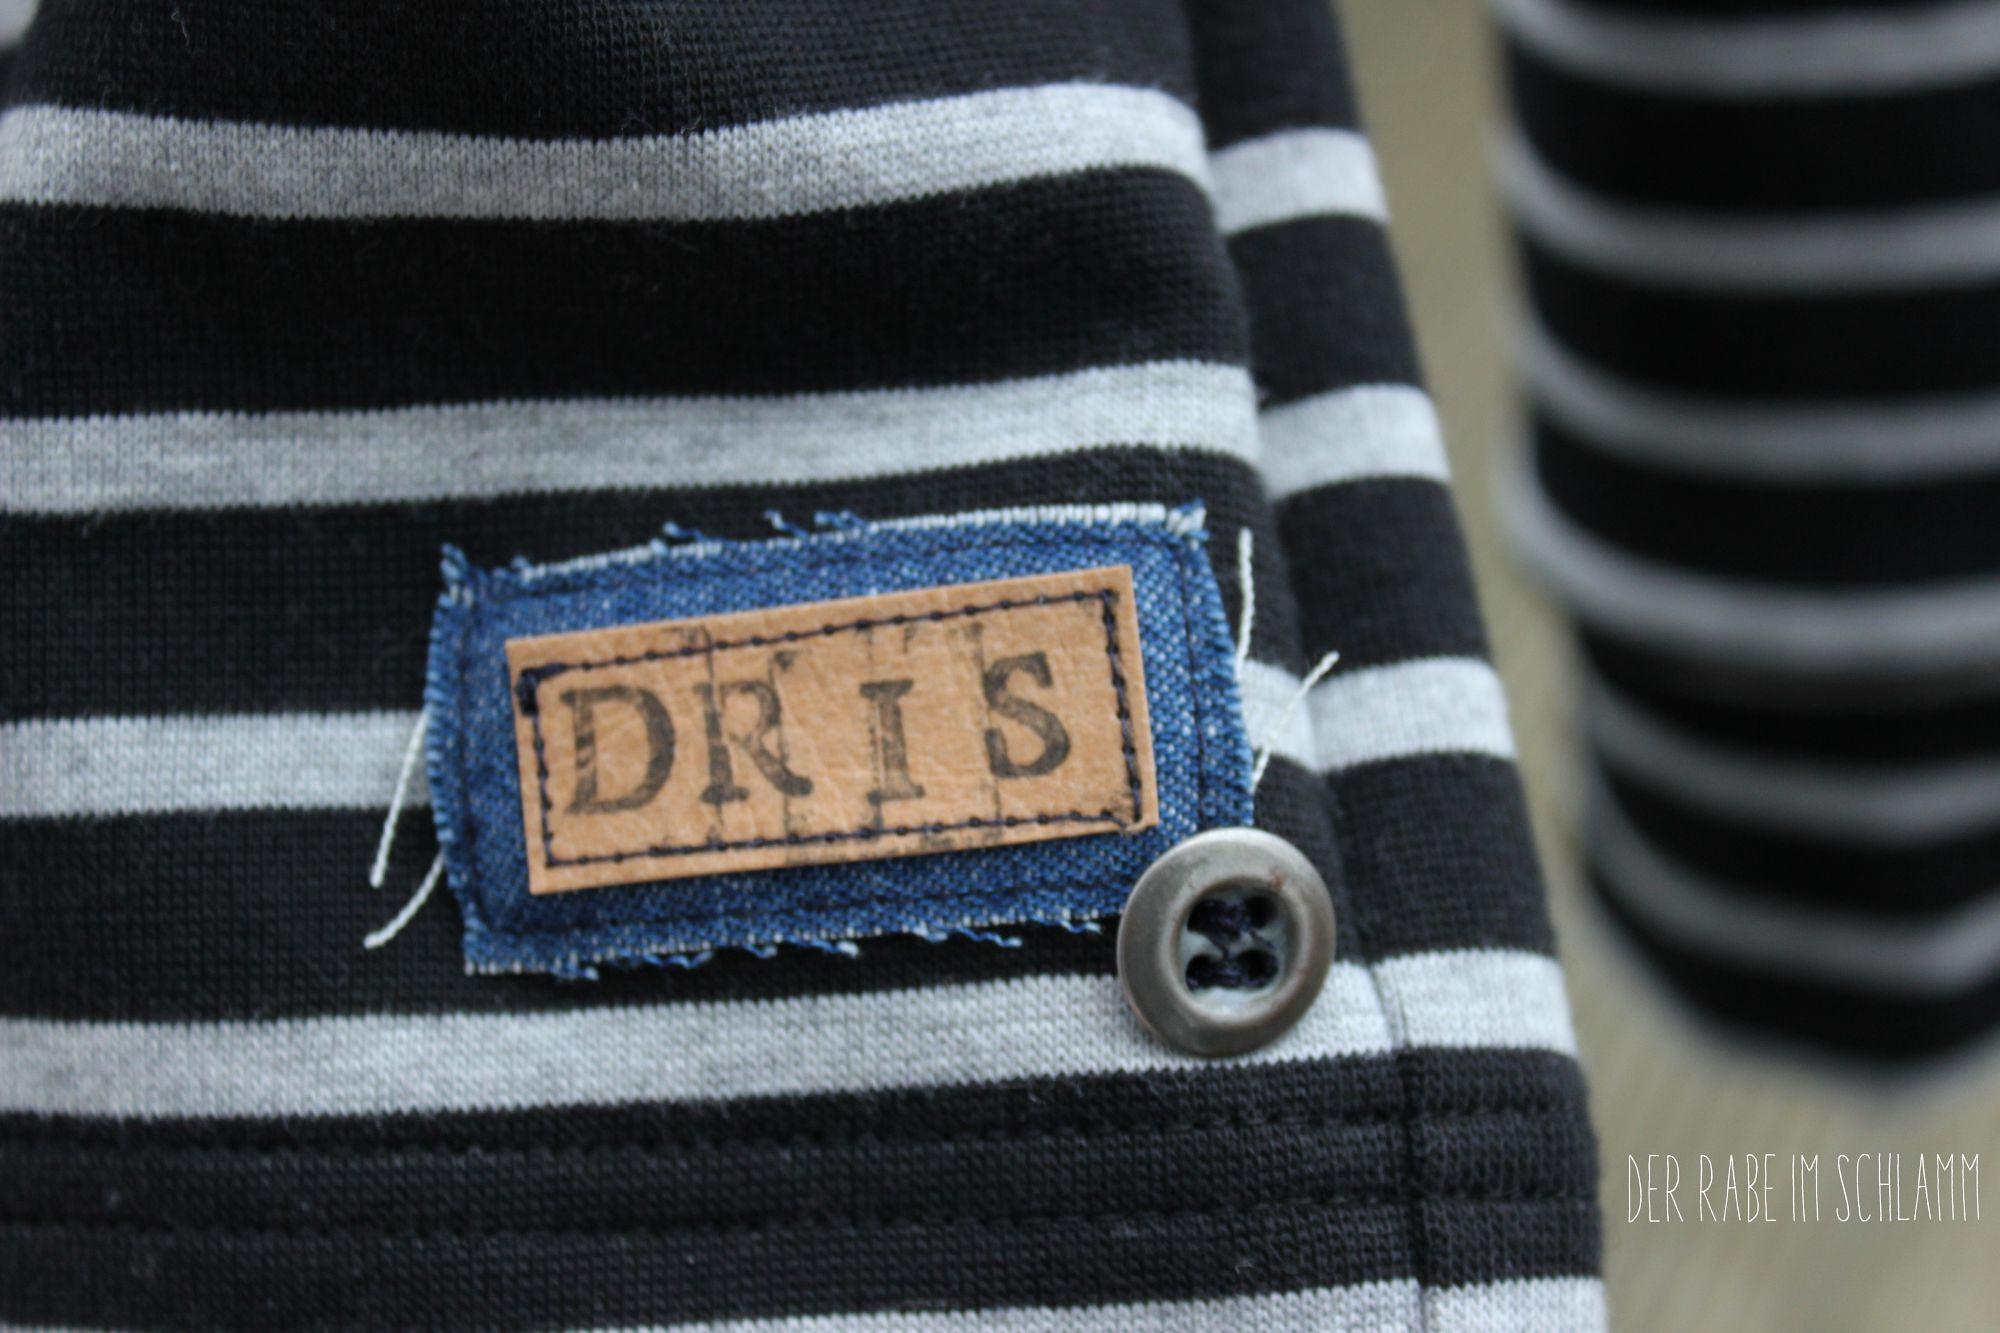 Der Rabe im Schlamm, Sweater, Oversize, Ringel, Stoff&Stil, Nähen, Schnittmuster, Damen